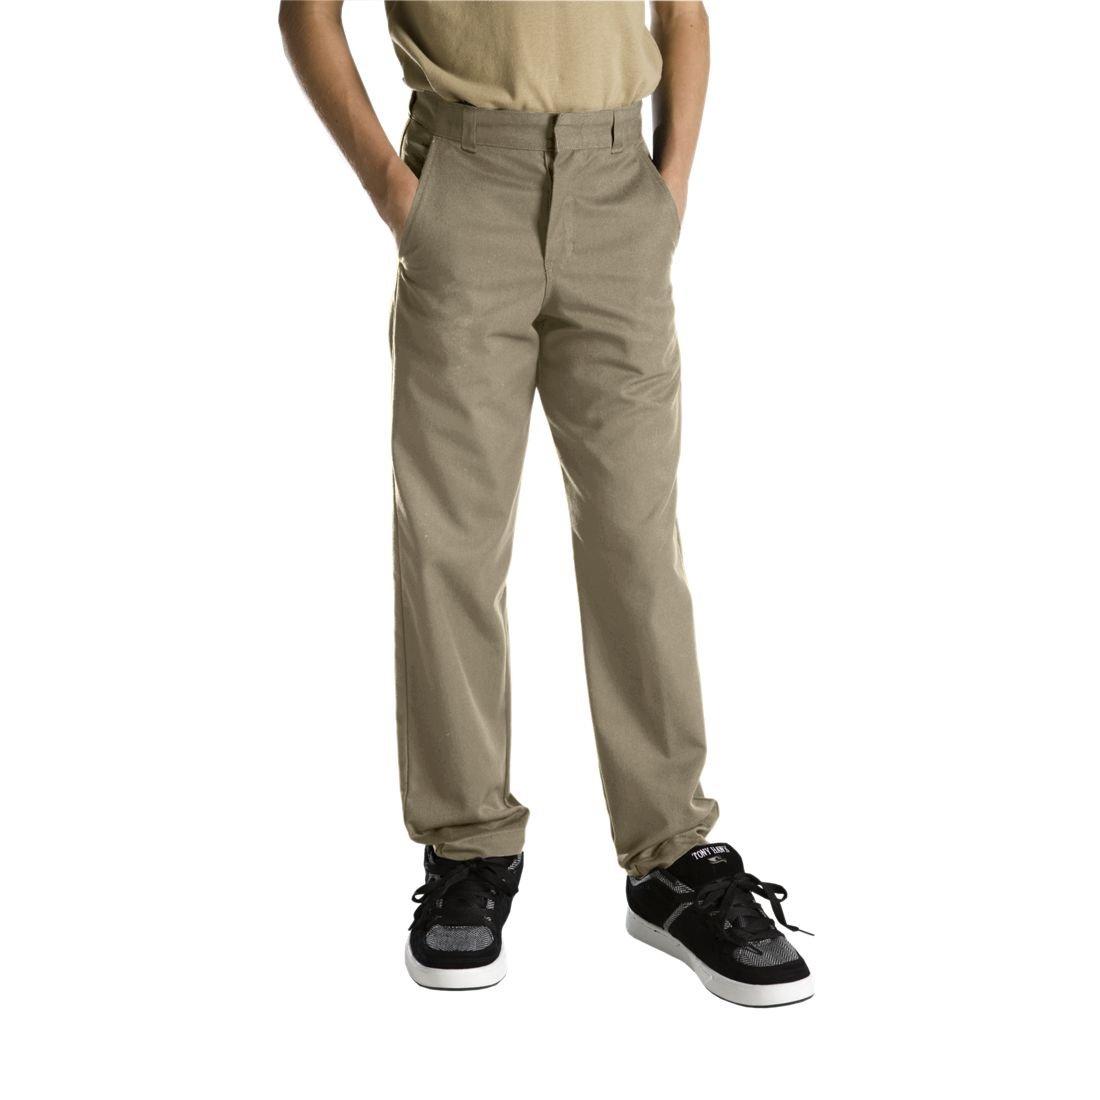 Dickies Husky Boys Flat Front Pant, Khaki, 16 Husky / 32.5'' x 31''